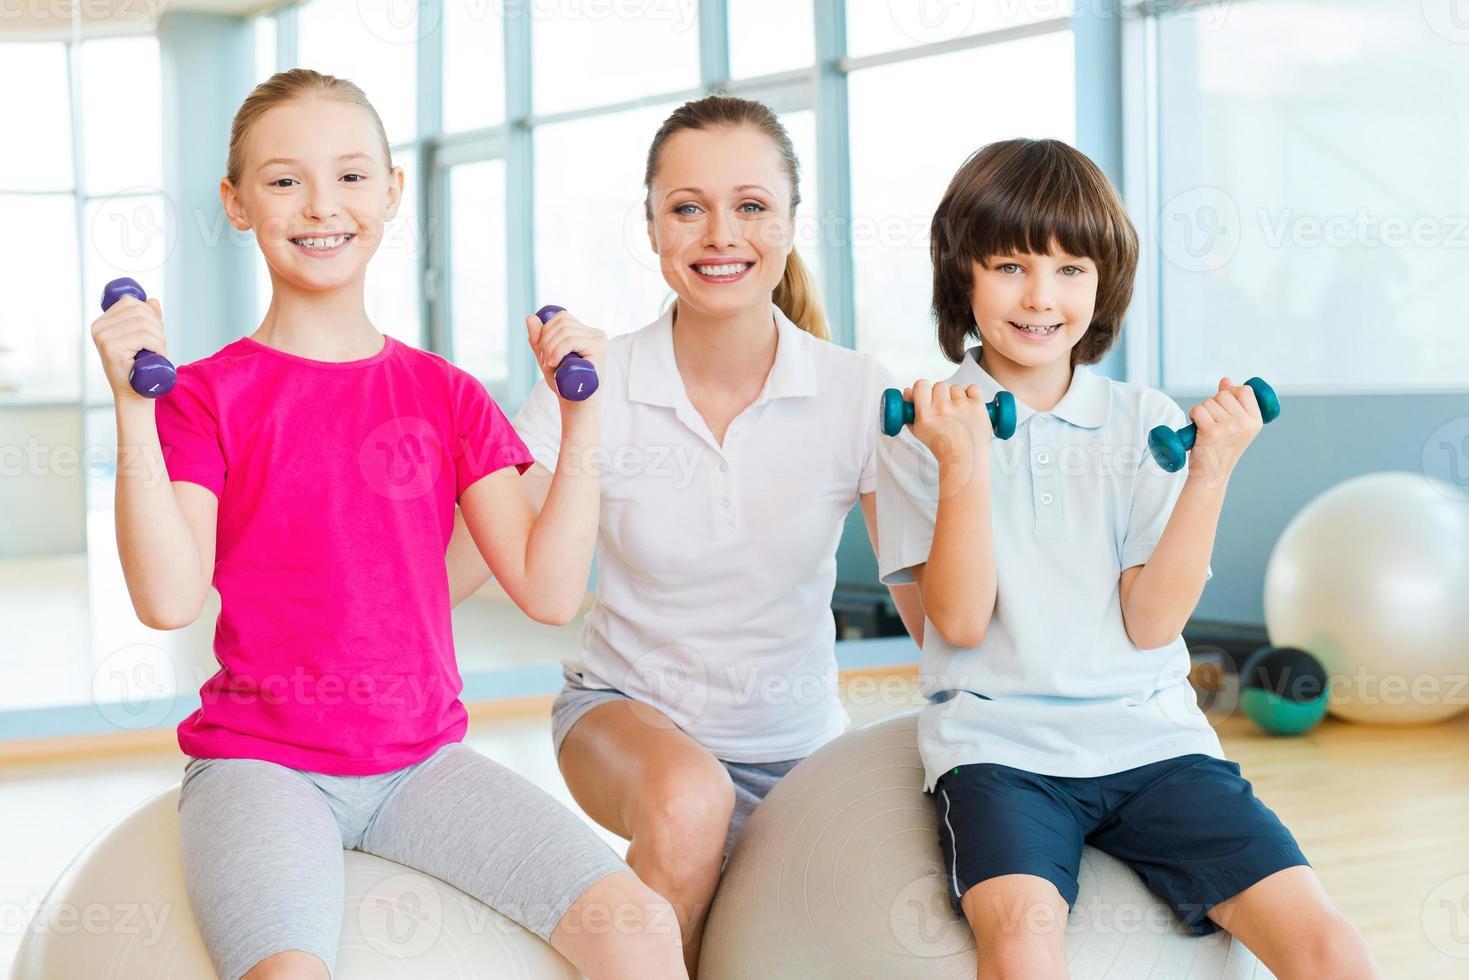 instrutor com crianças. foto